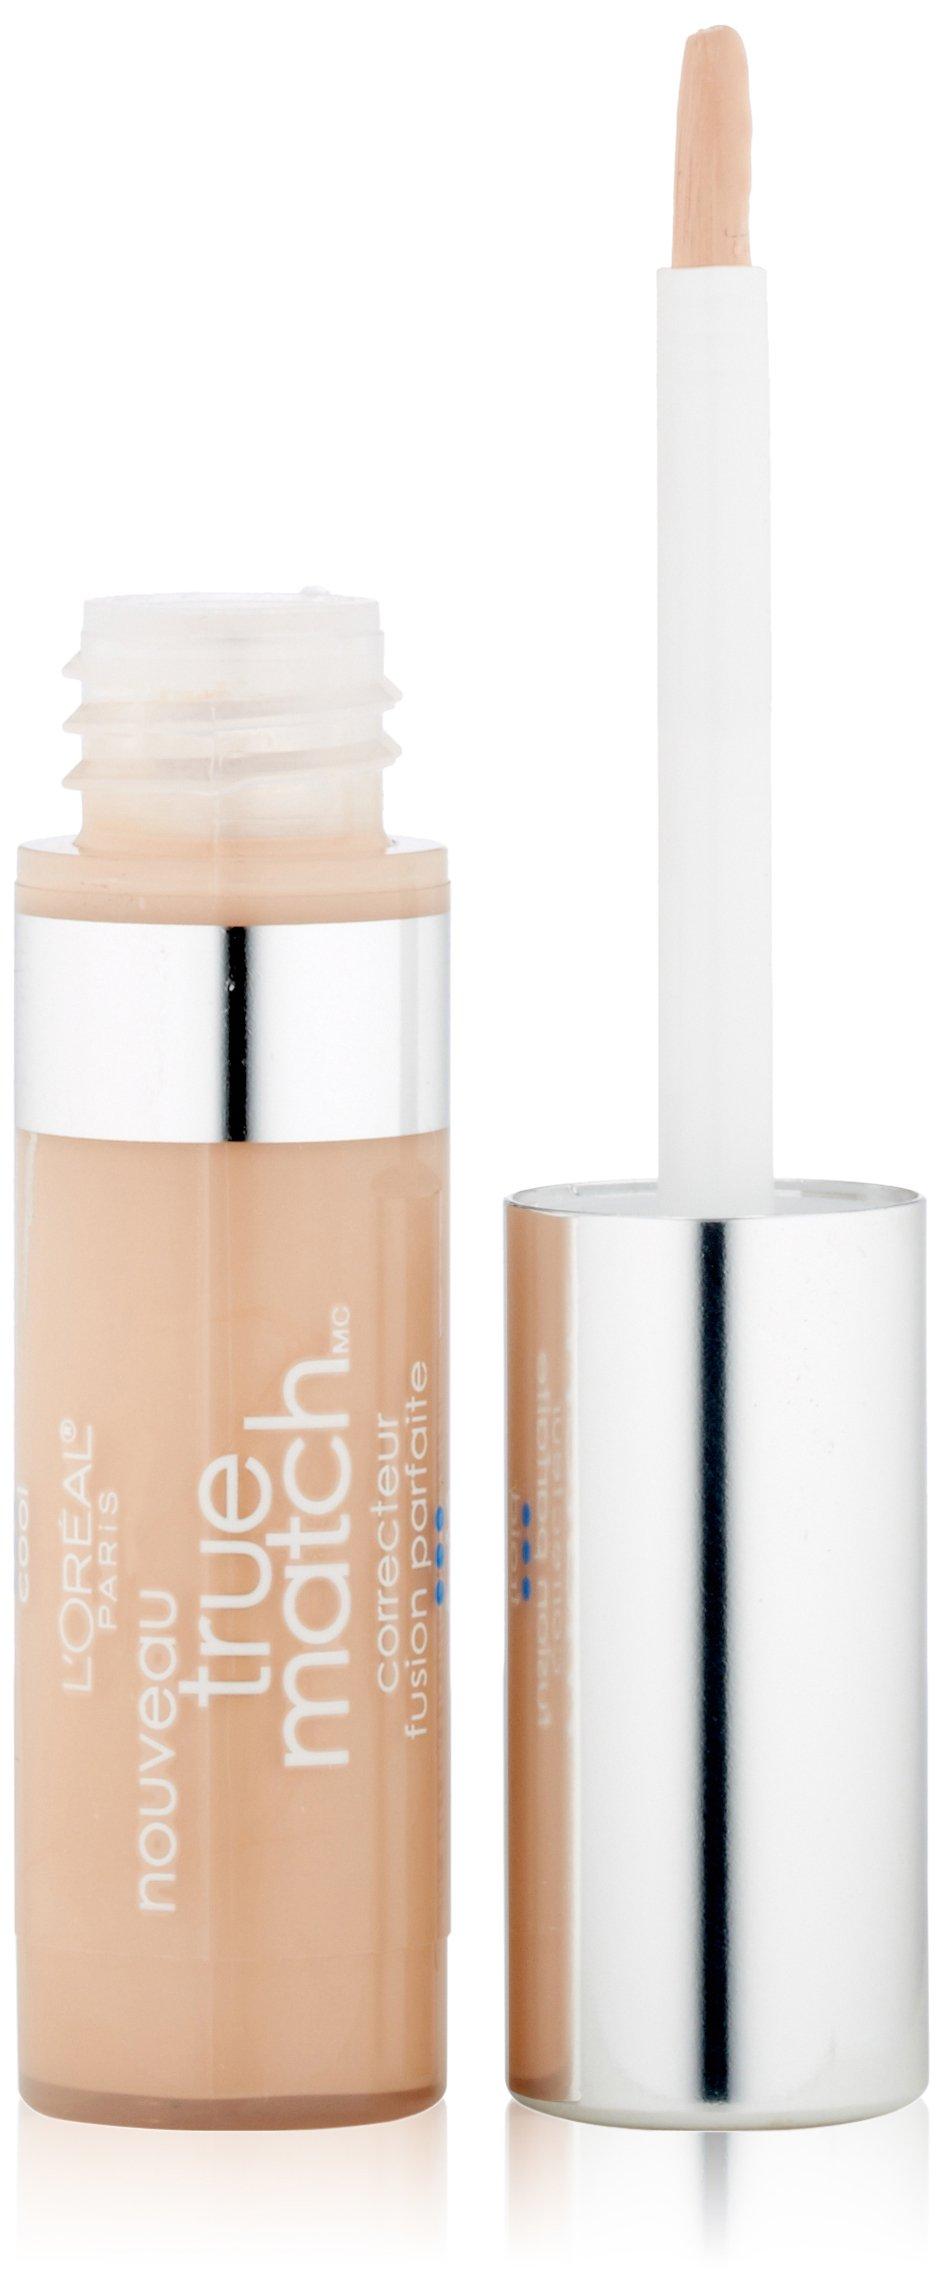 L'Oréal Paris True Match Super-Blendable Concealer, Fair/Light Cool, 0.17 fl. oz.